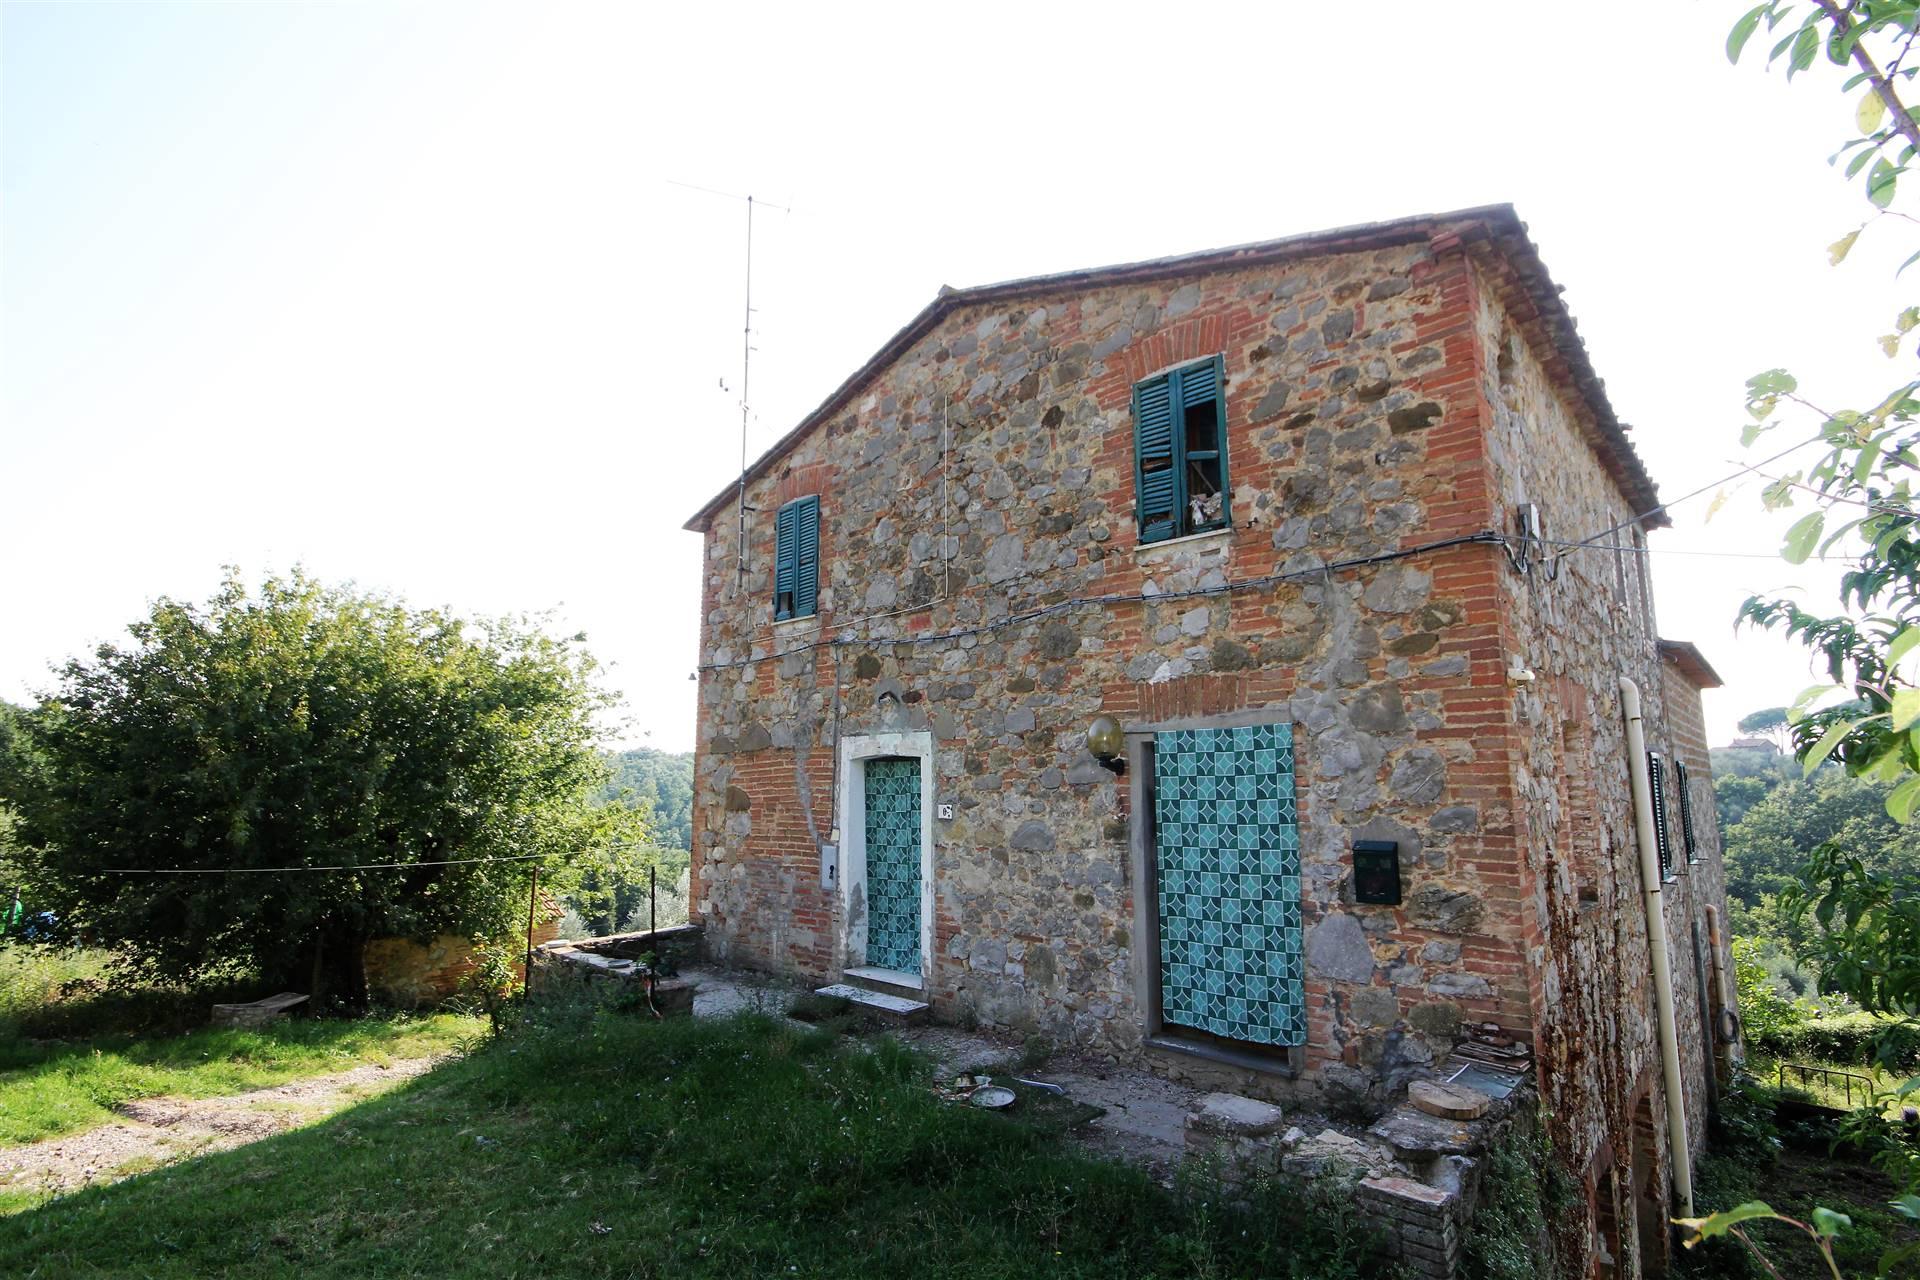 Rustico / Casale in vendita a Monteleone d'Orvieto, 10 locali, zona Zona: Colle Alto e Basso, prezzo € 250.000   CambioCasa.it